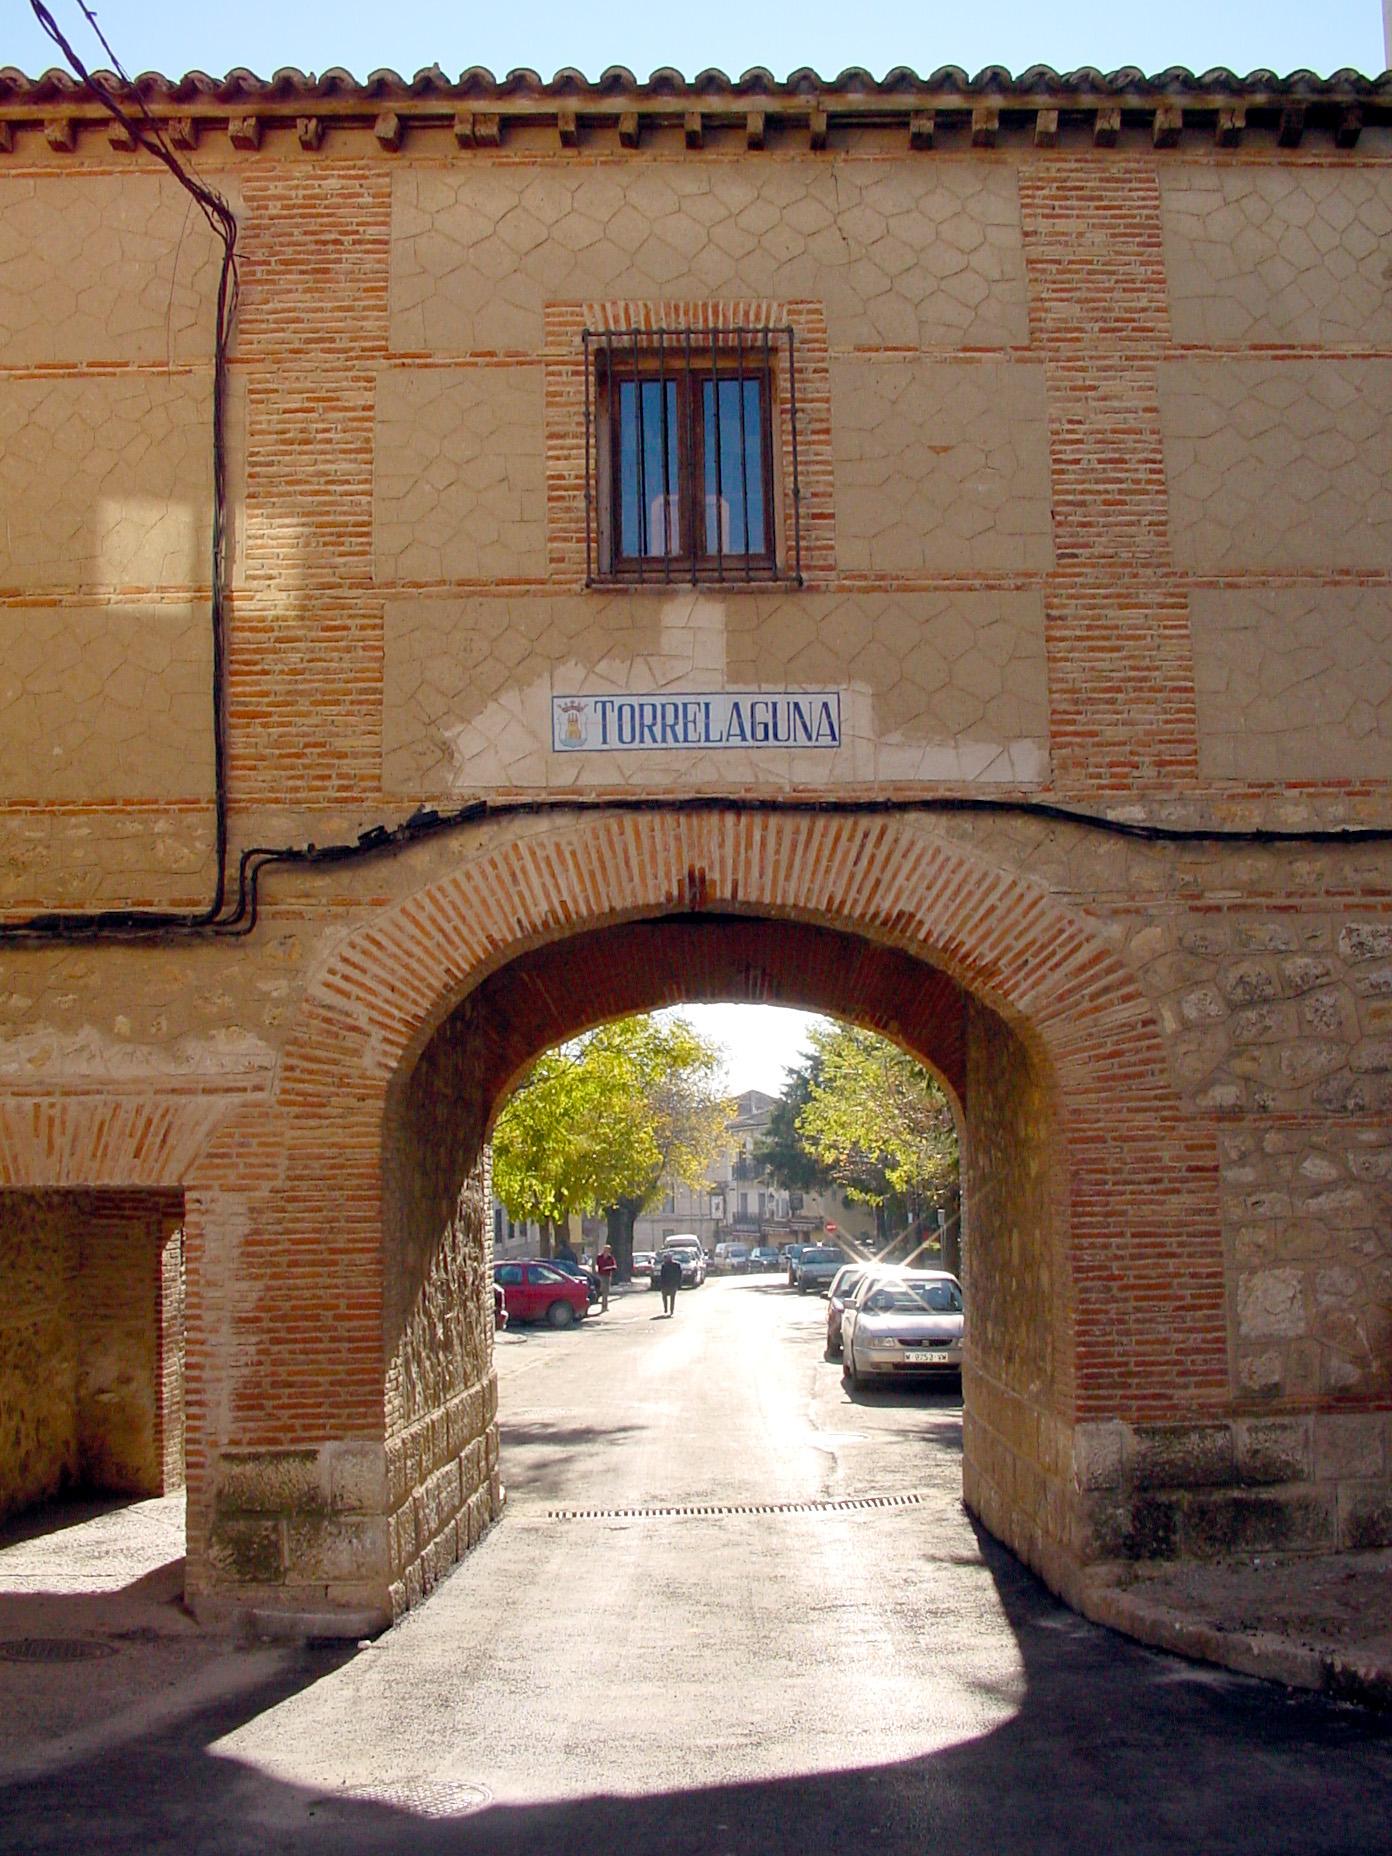 Calle con arco en Torrelaguna